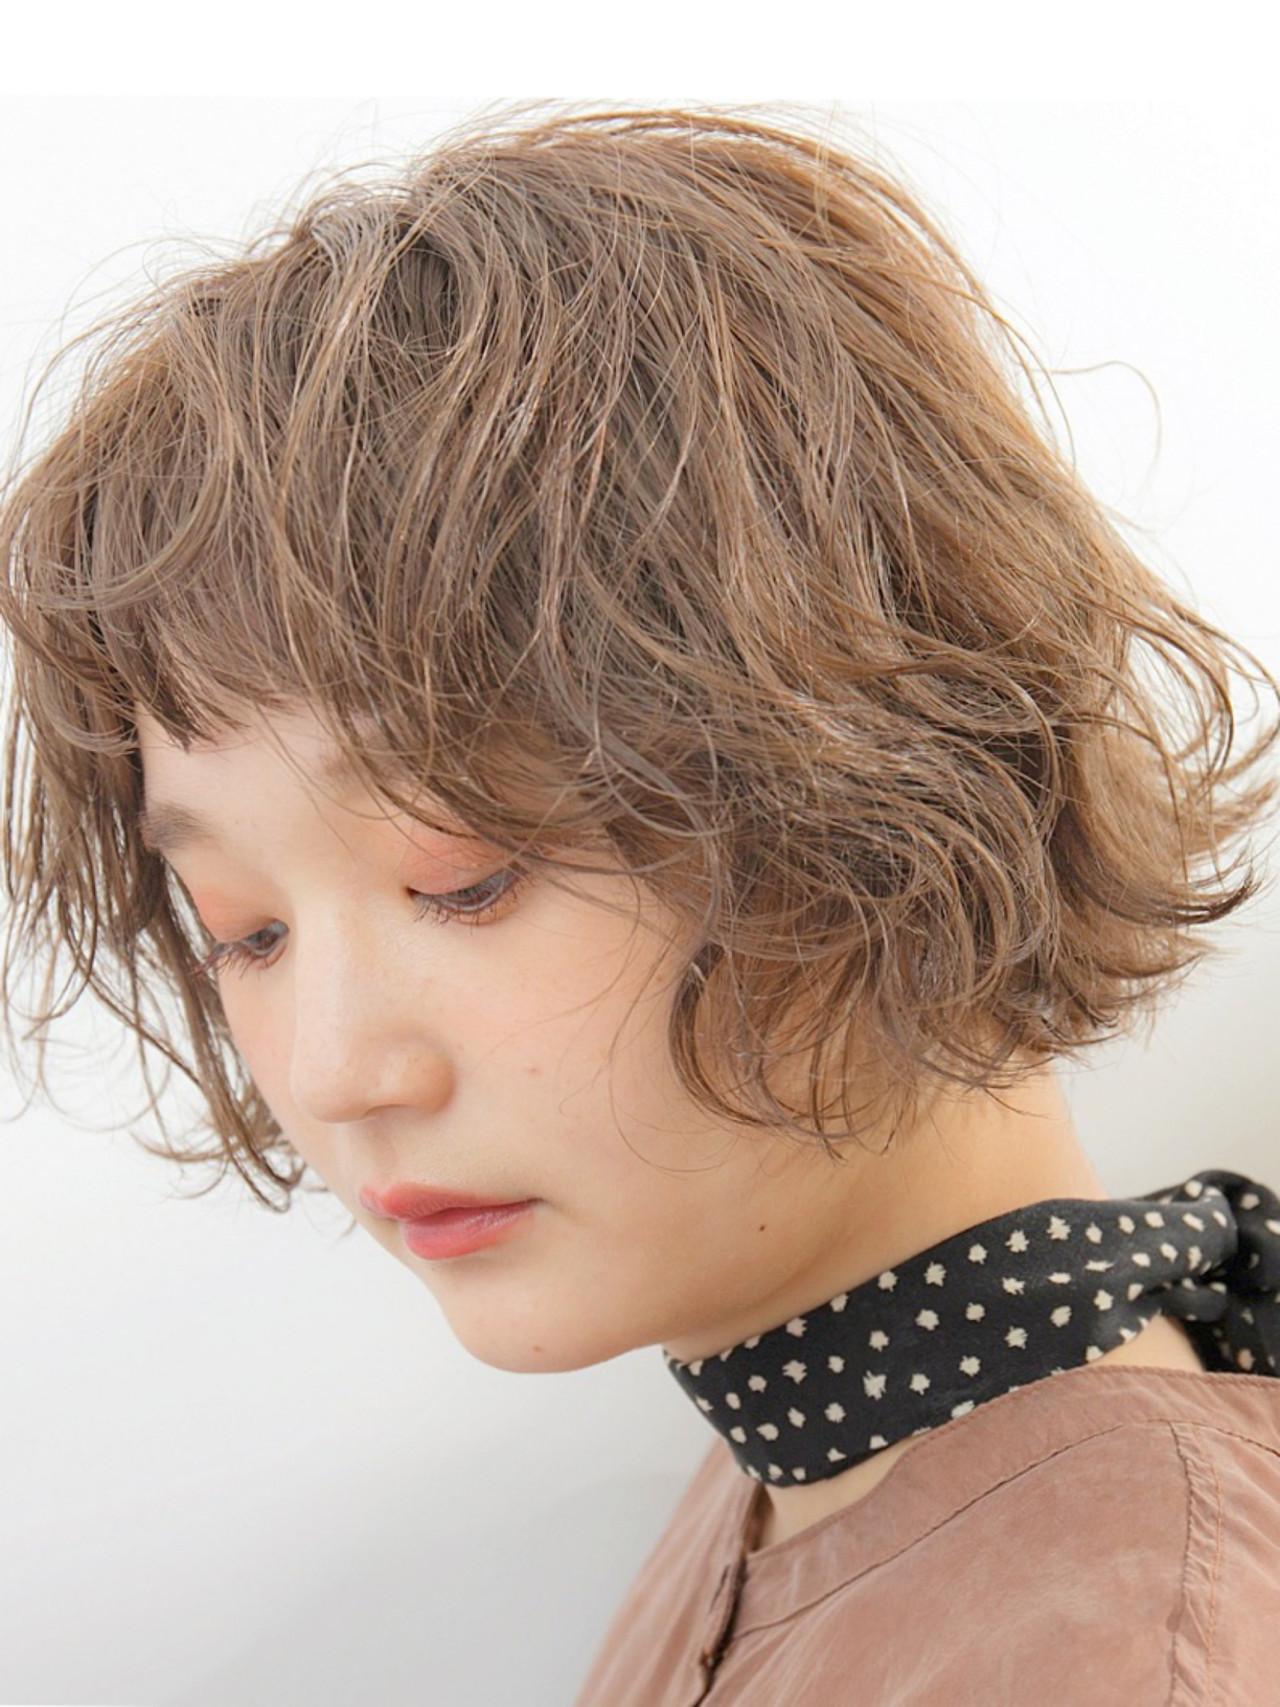 ゆるふわパーマ 無造作パーマ ミルクティーベージュ ボブ ヘアスタイルや髪型の写真・画像